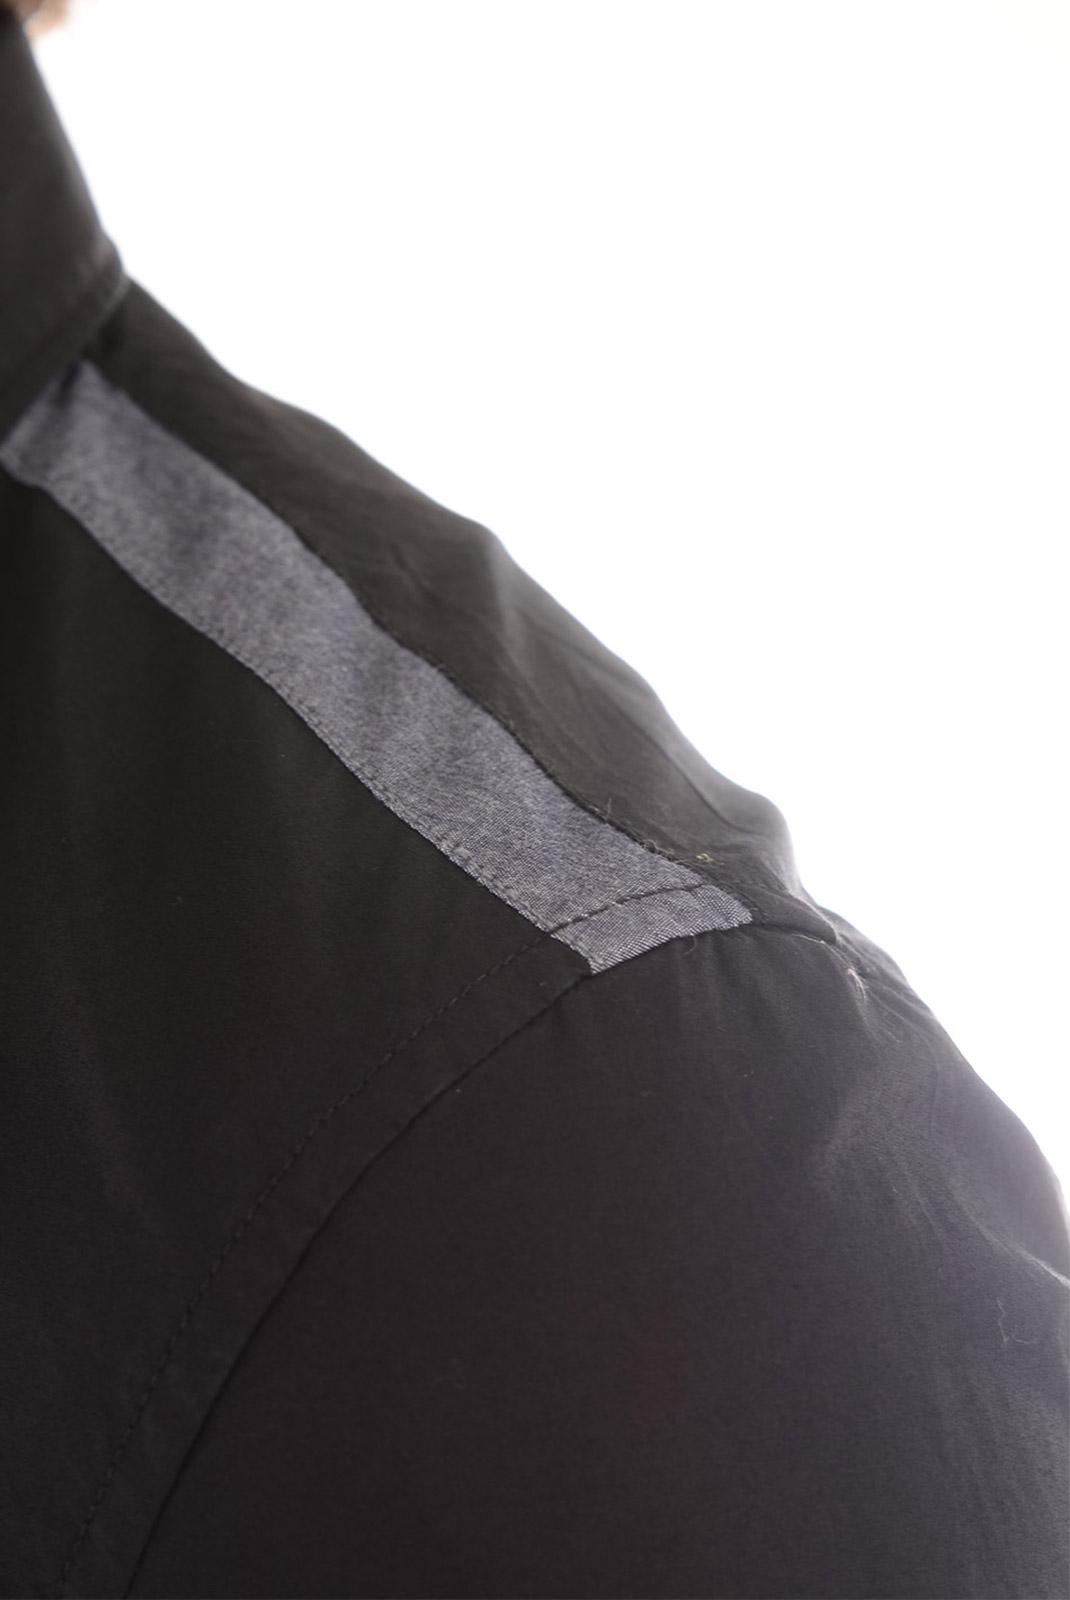 Chemises   Guess jeans M53H00W5M40 996 NOIR